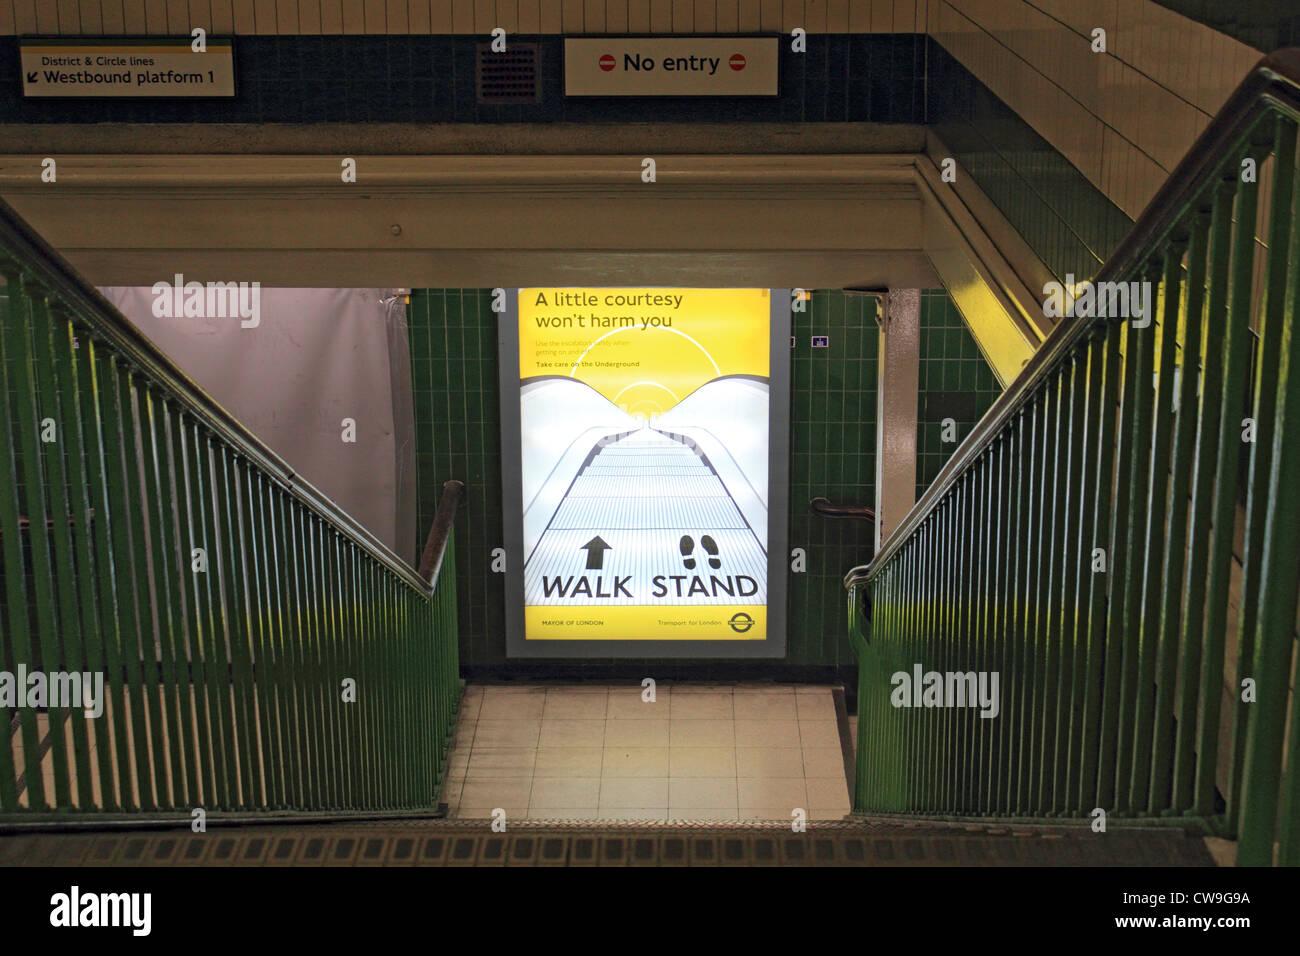 Temple Underground Station London England UK - Stock Image